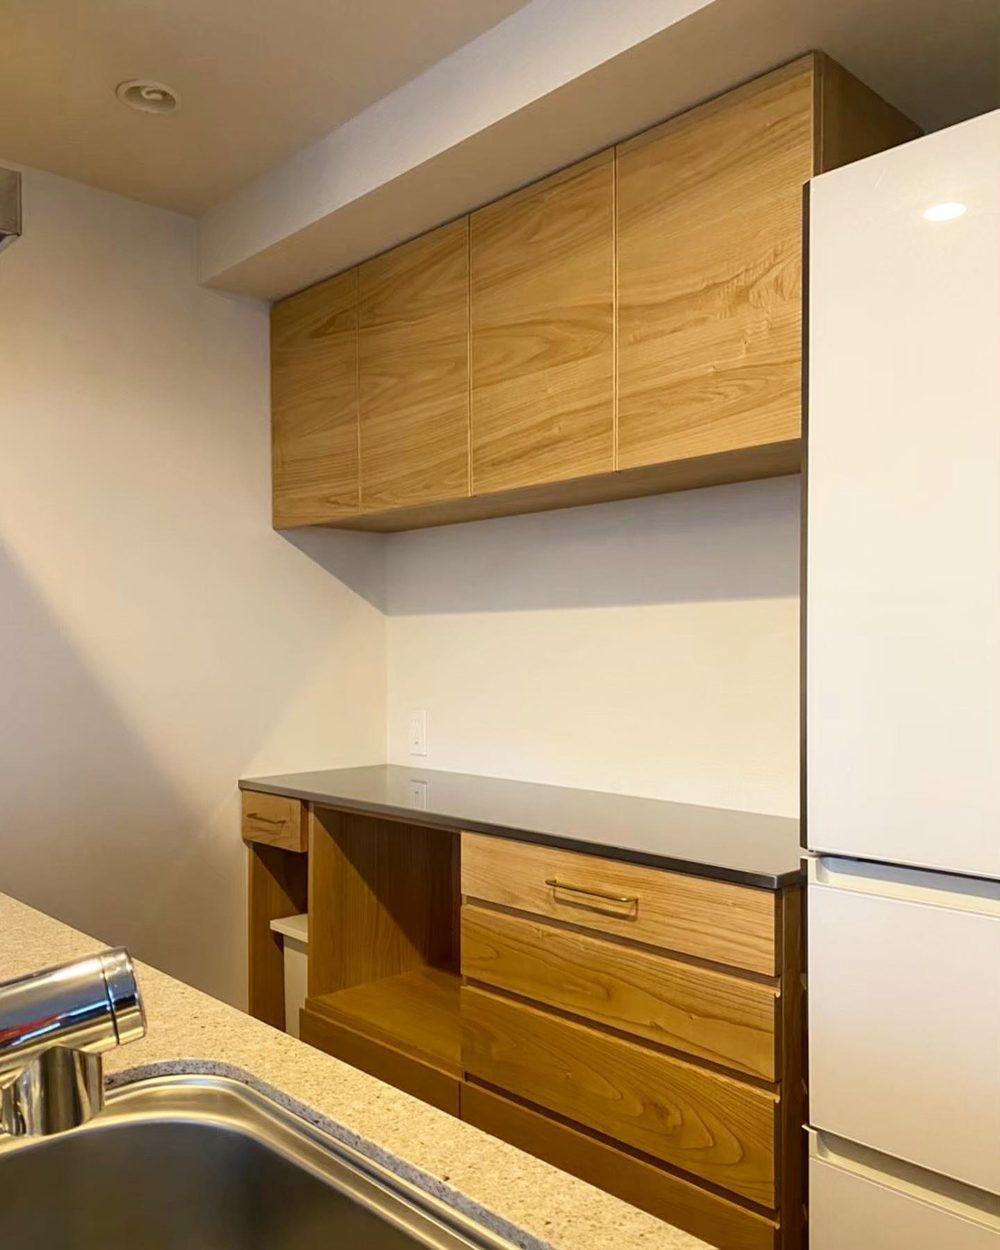 オーダー家具・カップボード・食器棚/関東・東京